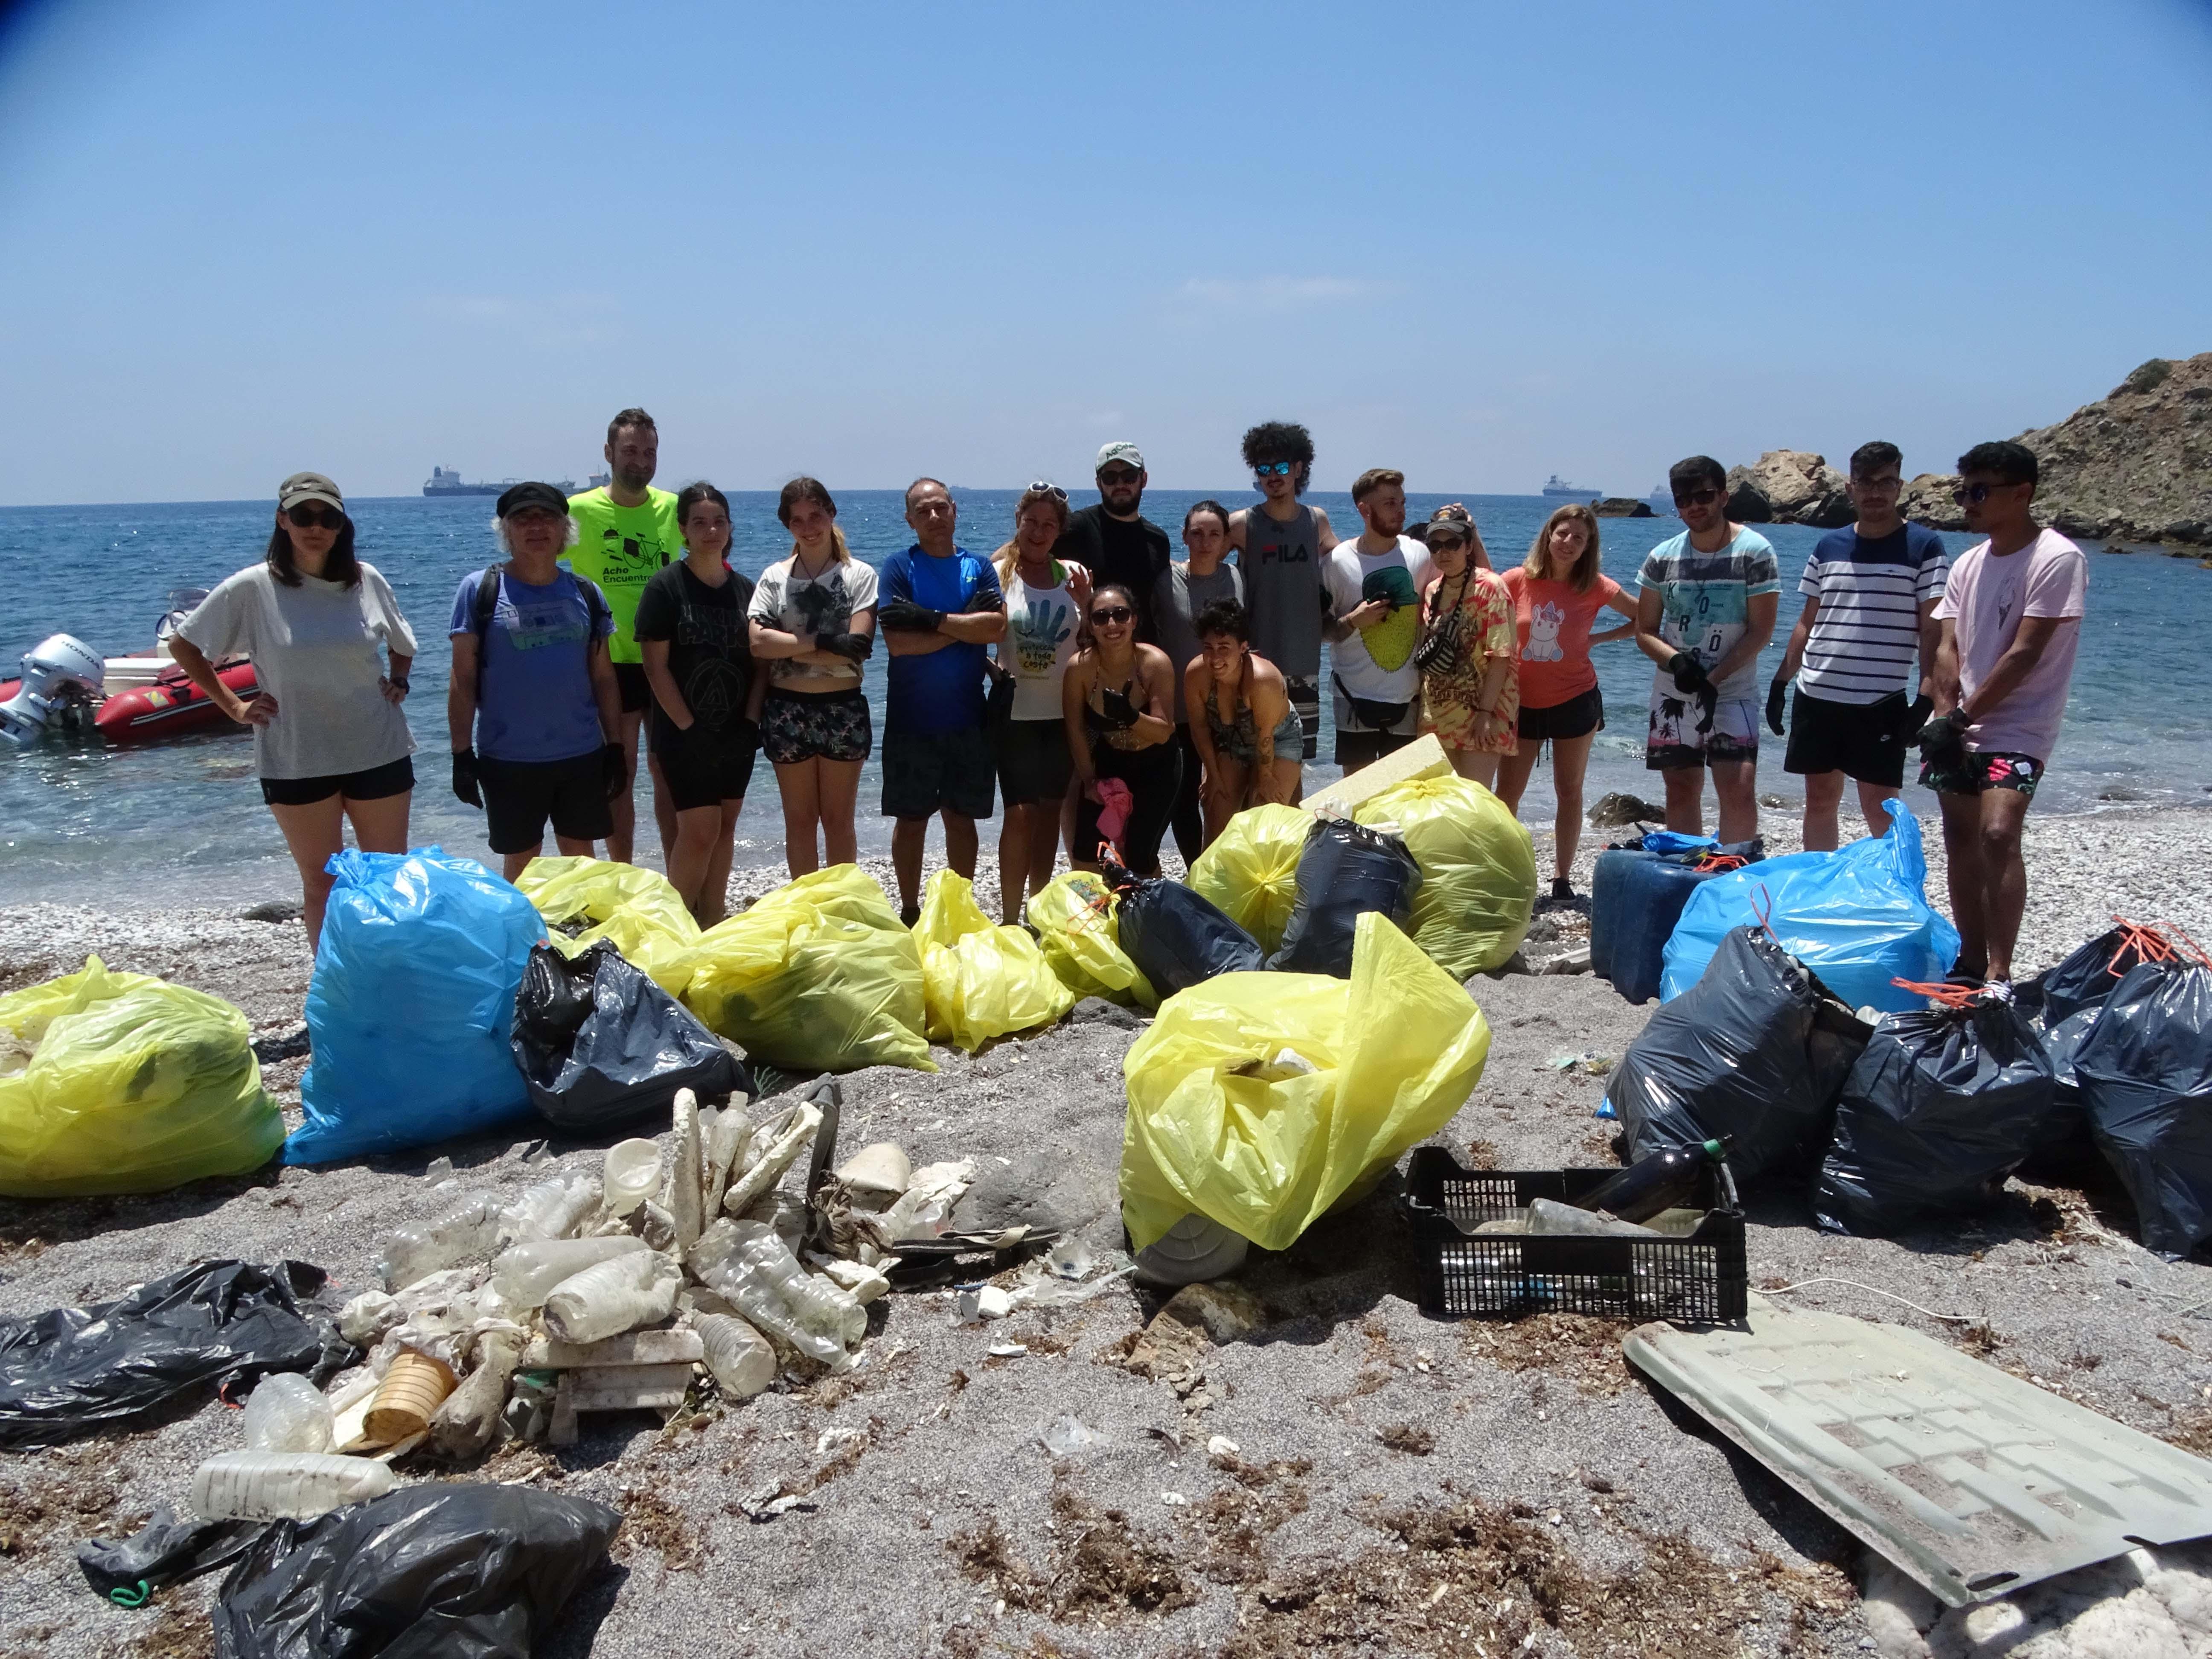 Los voluntarios llenaron doce grandes sacos de residuos arrastrados por el mar. Imagen: ANSE